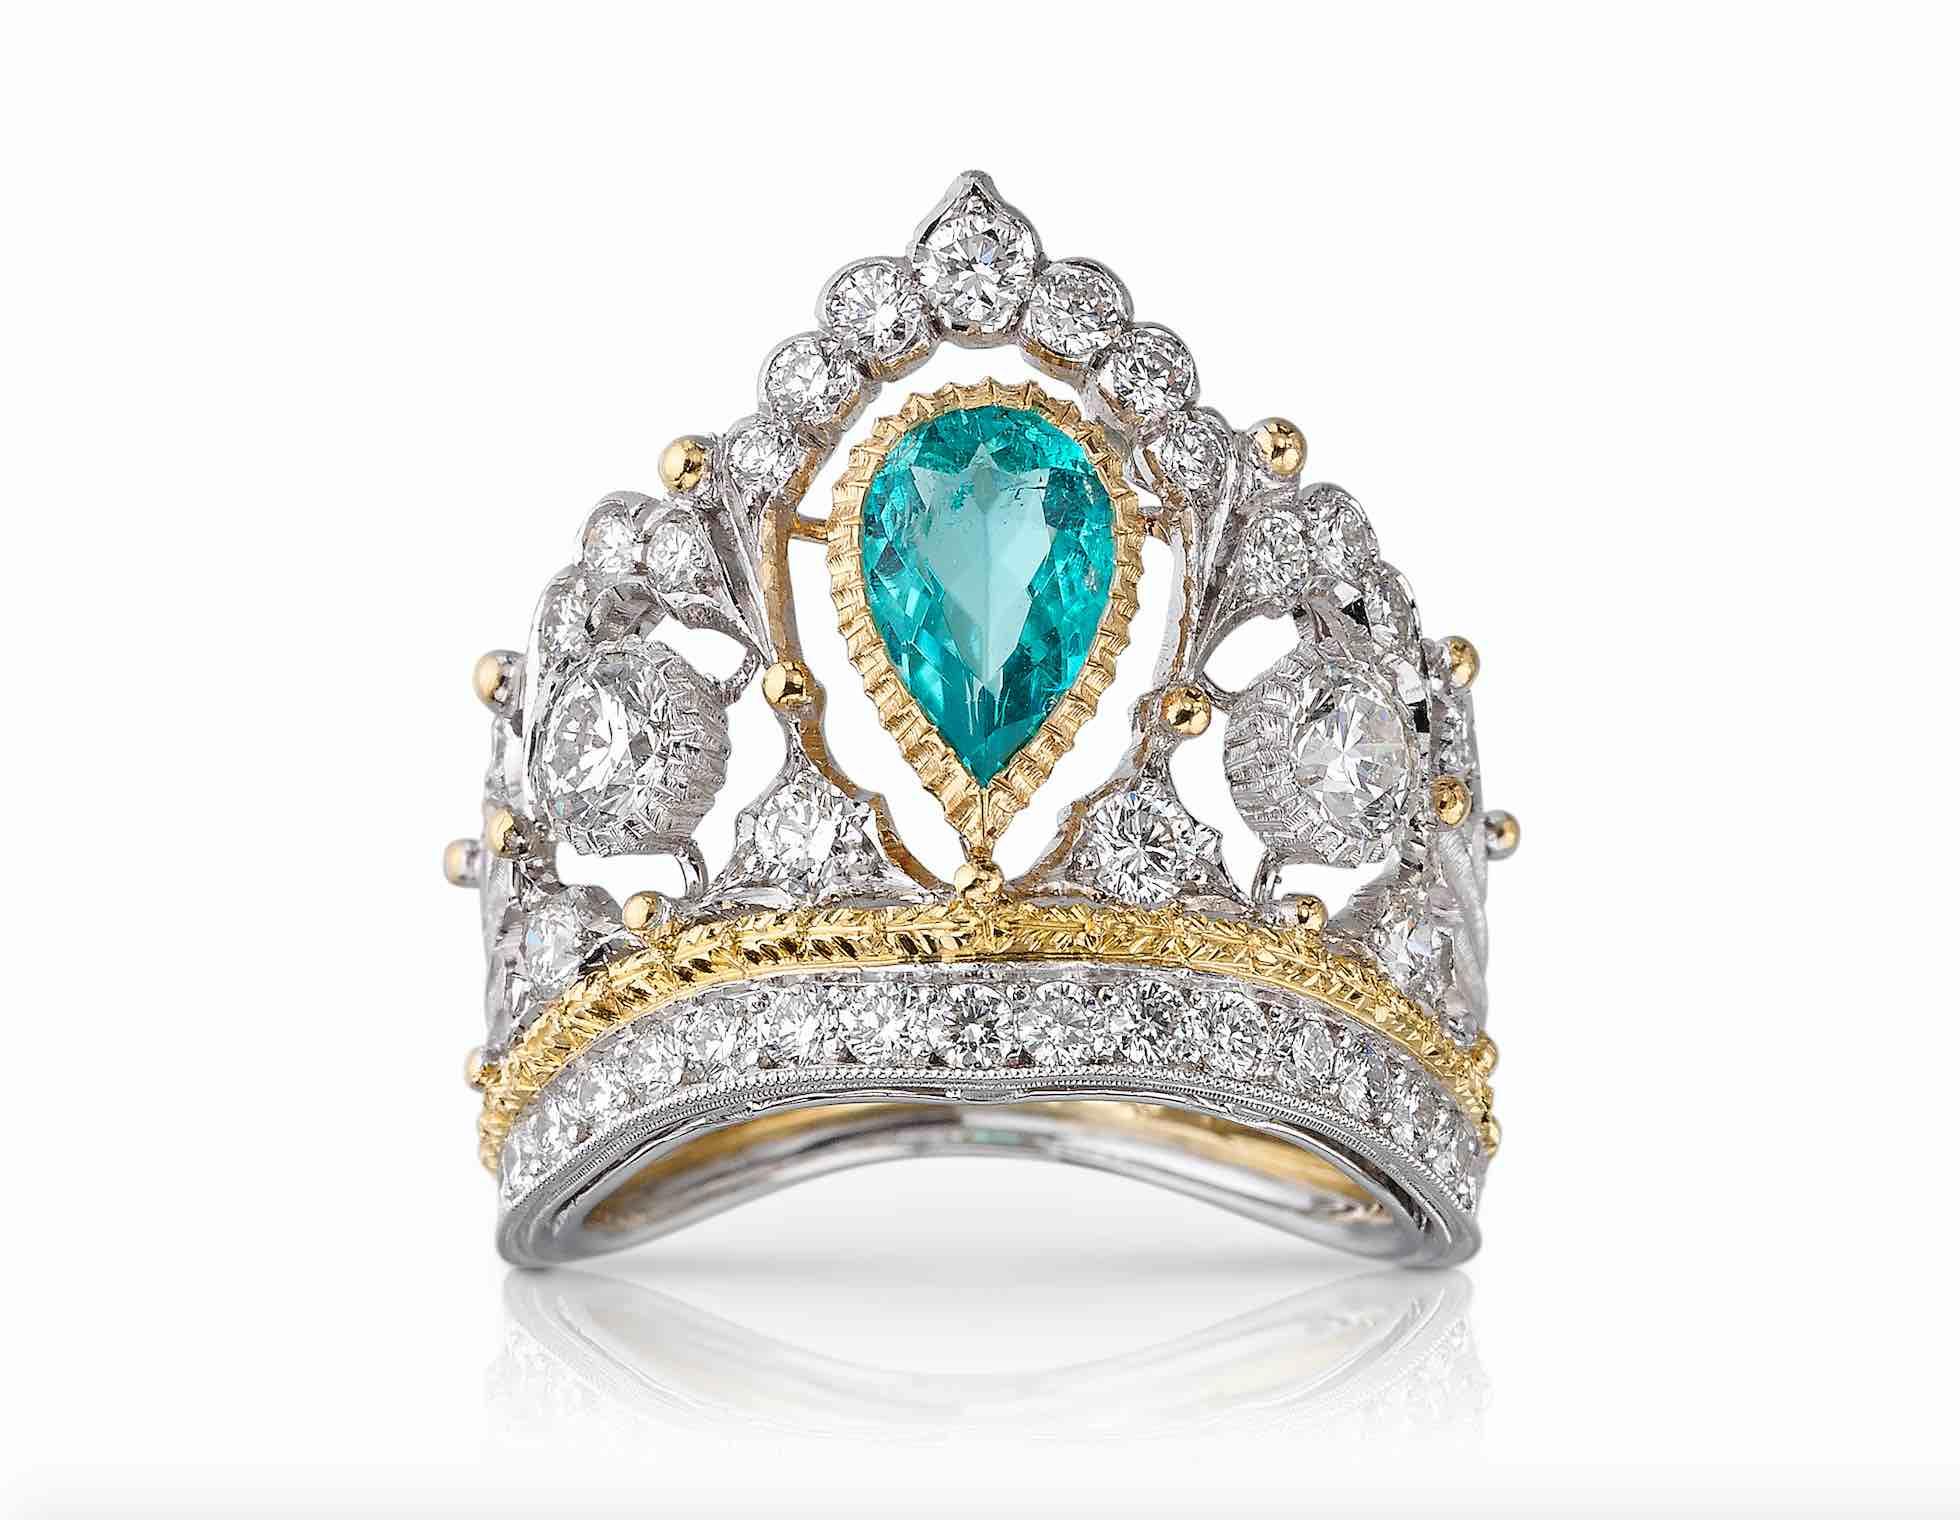 Buccellati, alta gioielleria, Anello a forma di corona in oro bianco traforato a ghirlanda